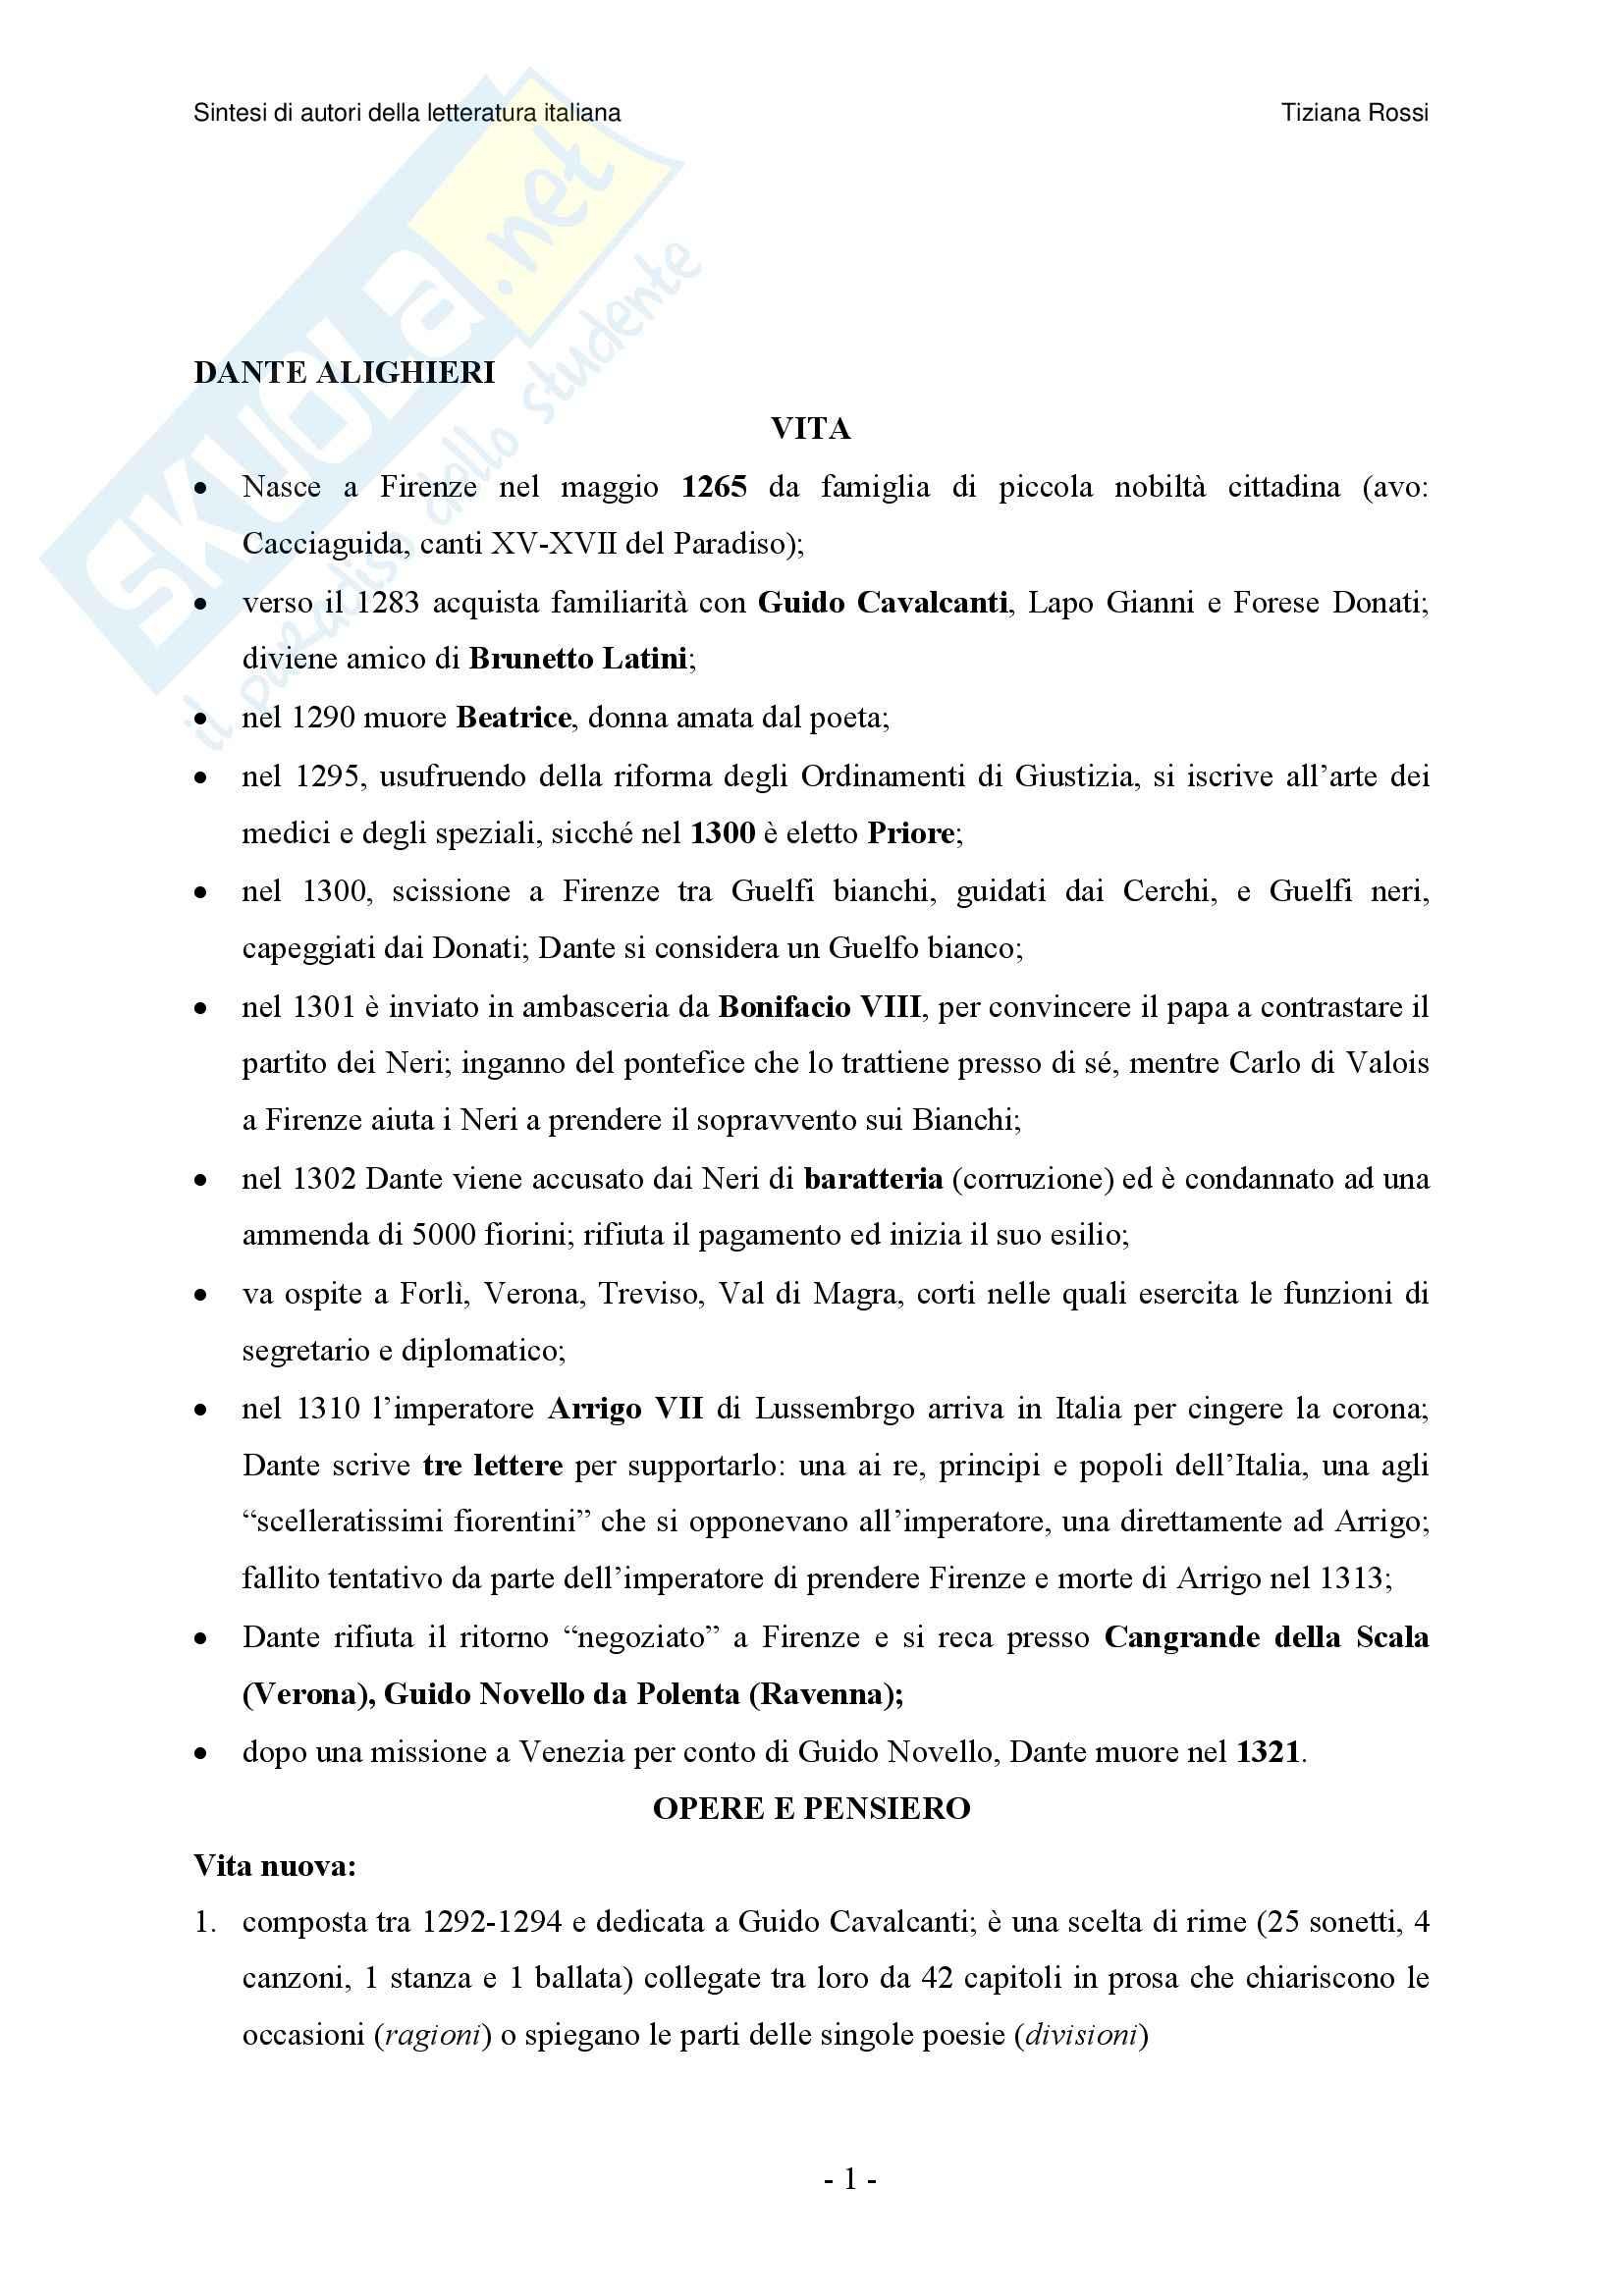 Letteratura Italiana - Riassunto esame